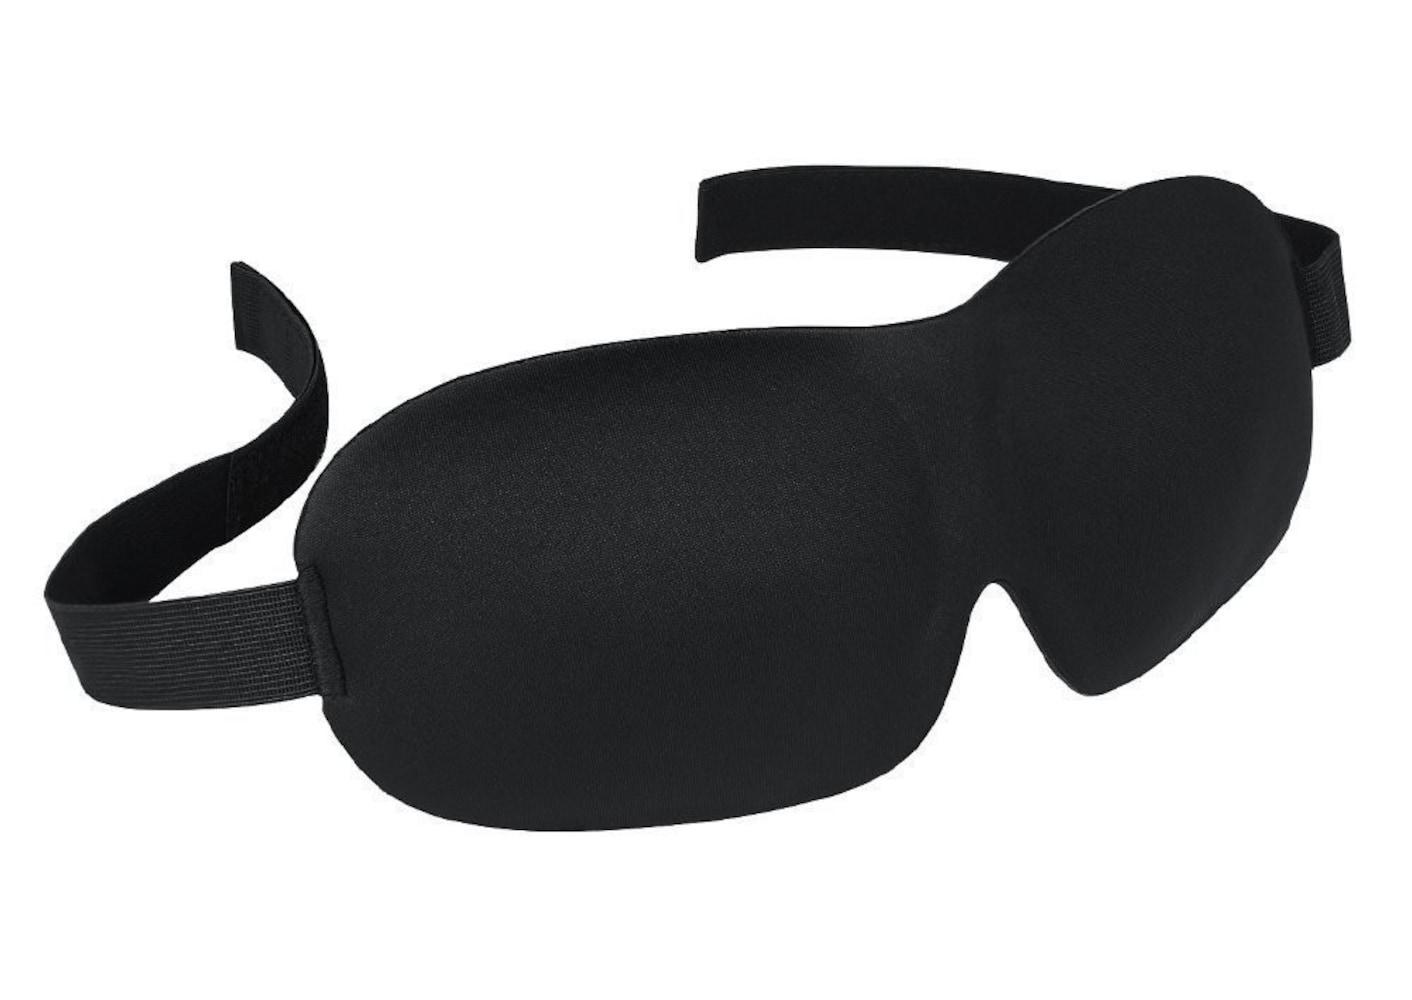 装着感|目と鼻のフィット感で遮光性が決まる!圧迫感がないものを